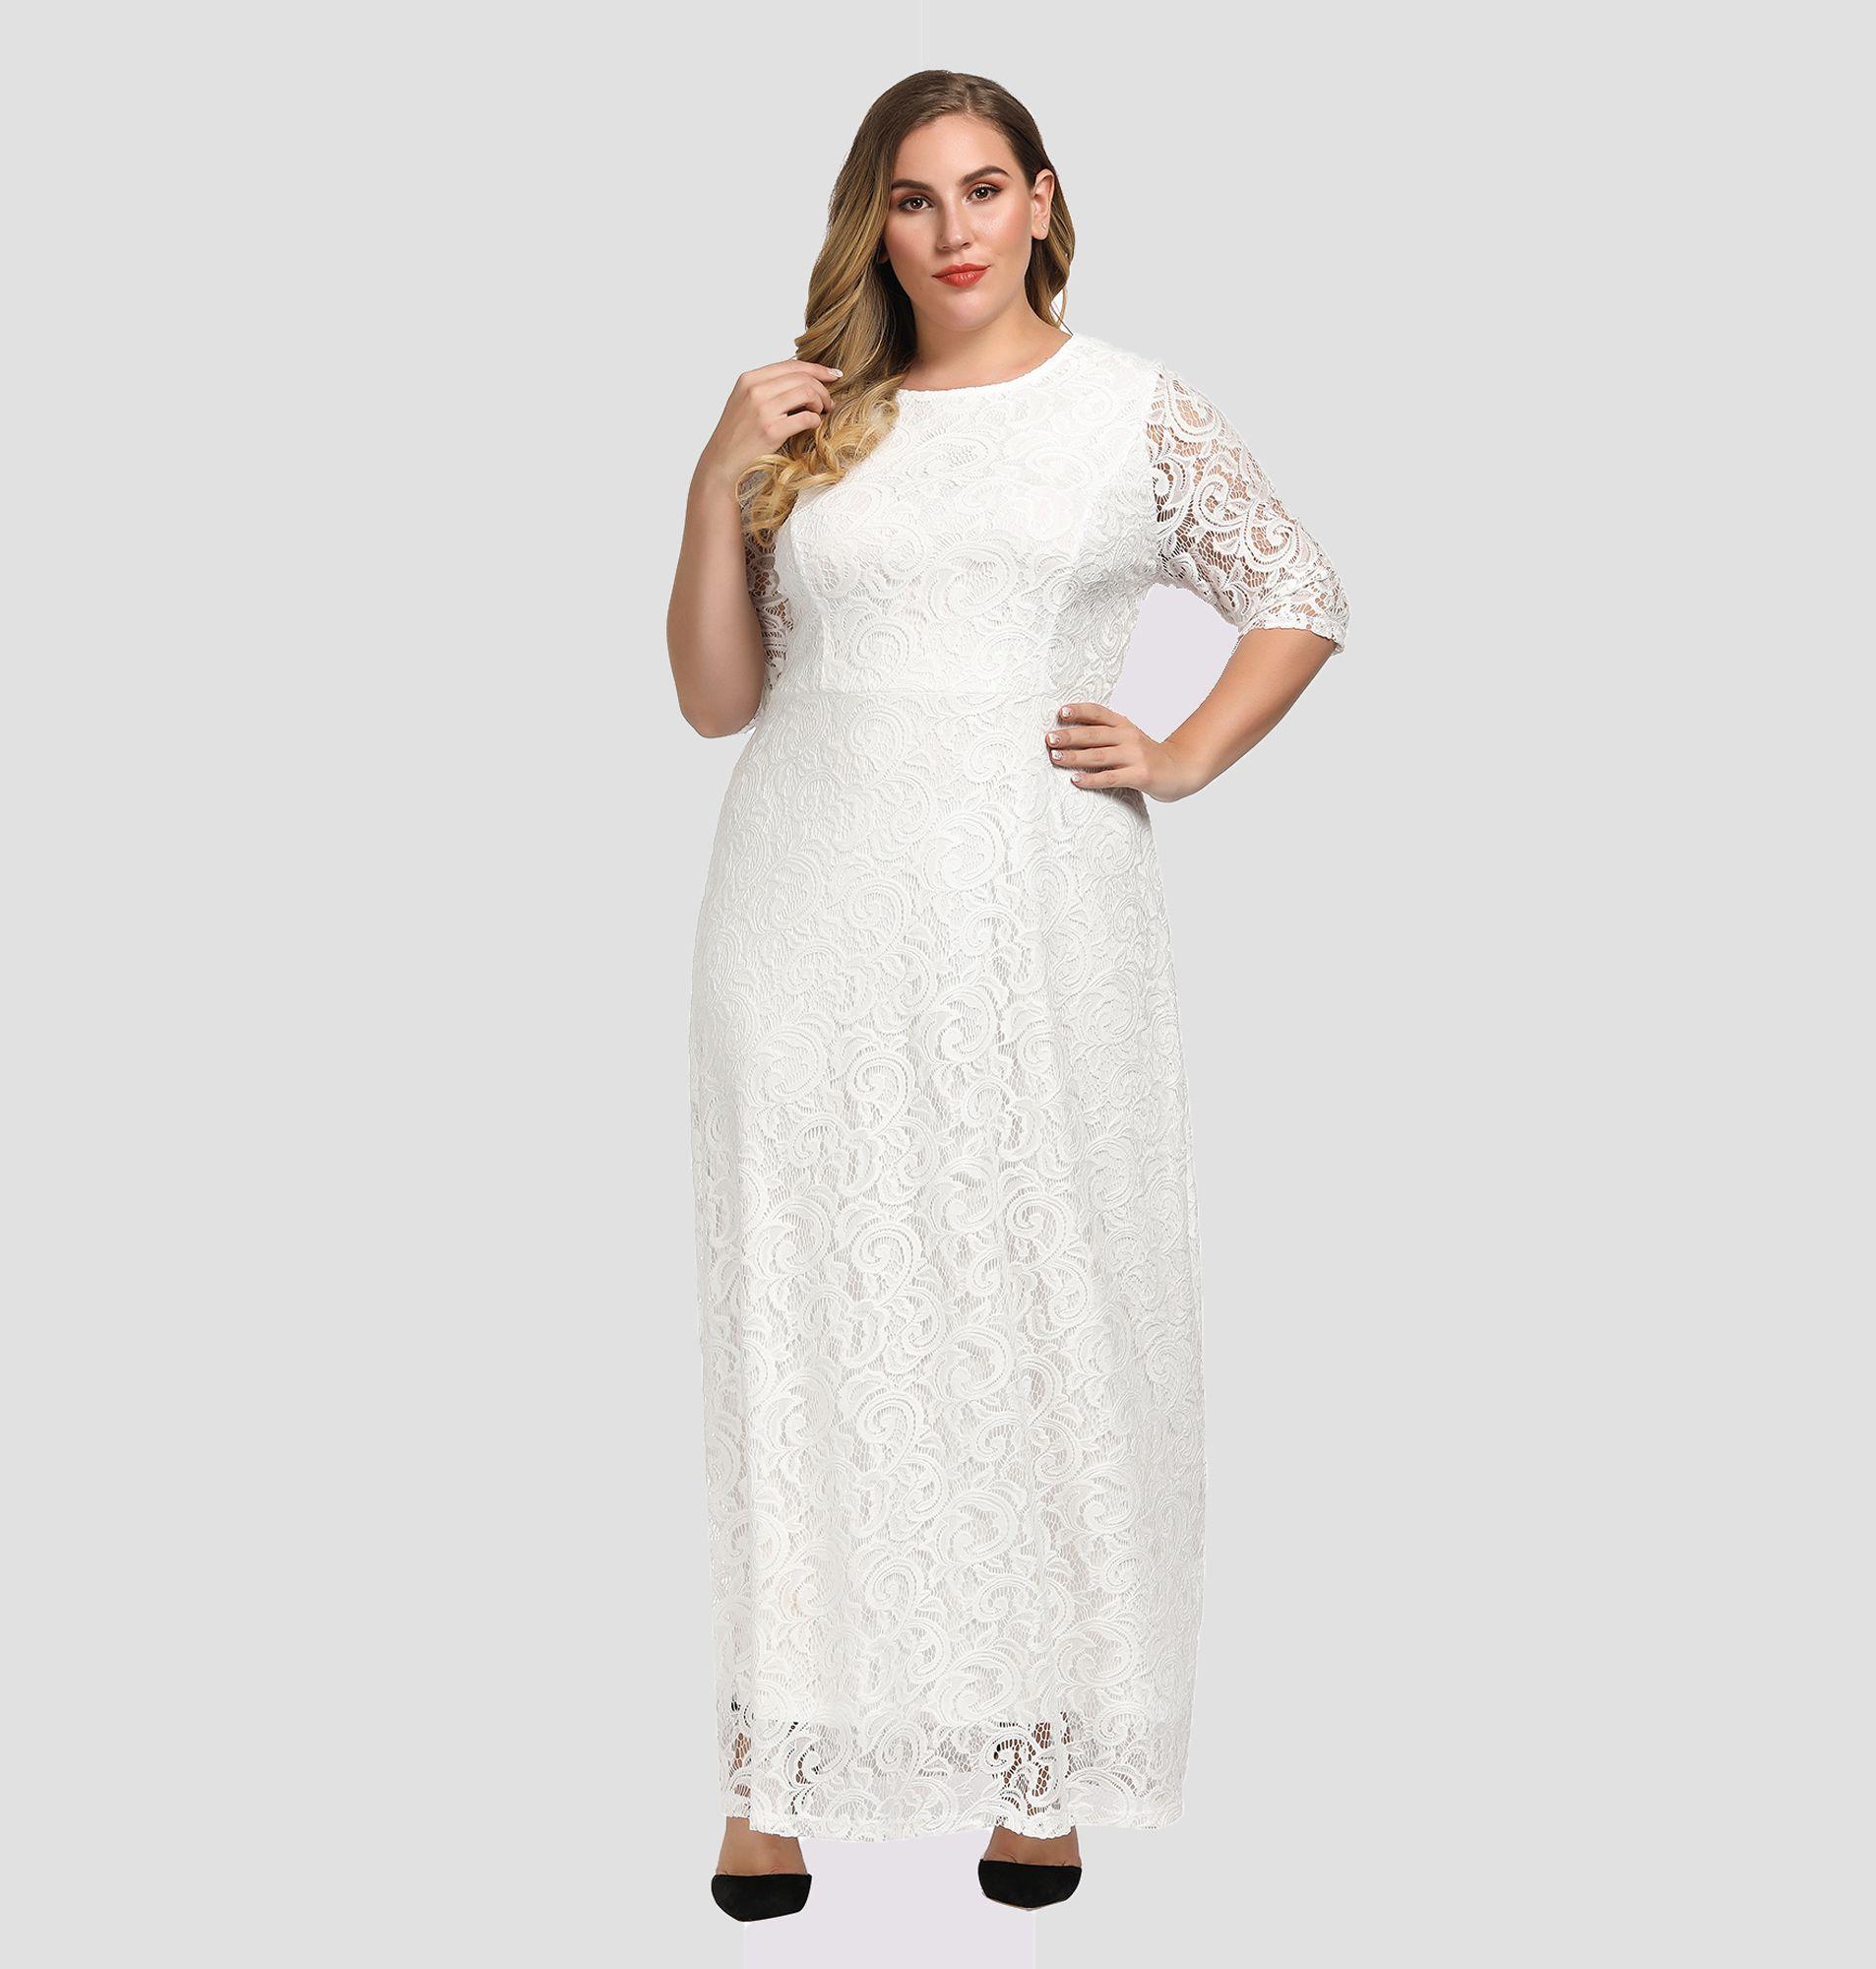 Women S Plus Size Lace Maxi Evening Dress Maxi Dress Evening Lace Dress Design Lace Maxi [ 2000 x 1906 Pixel ]